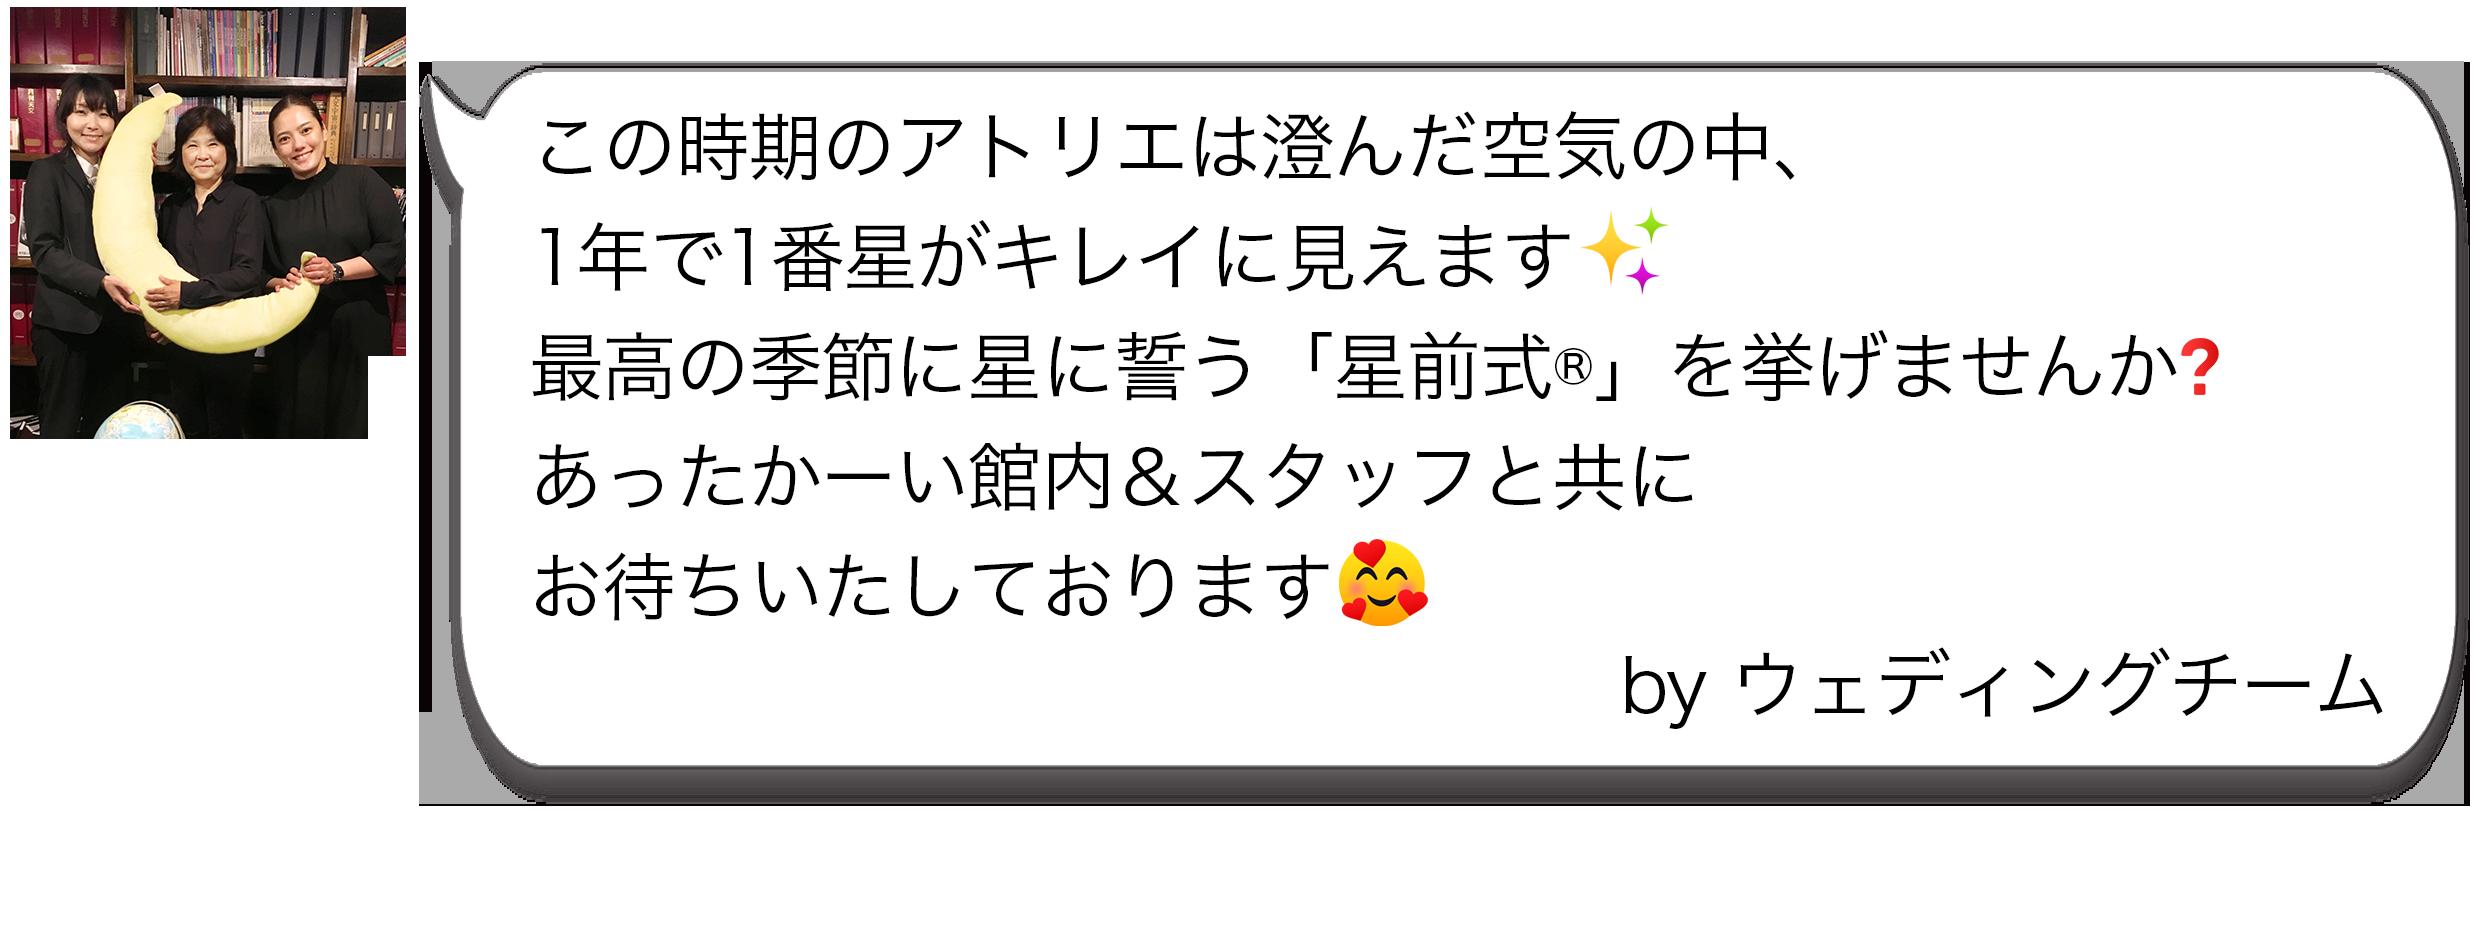 staff_19_12